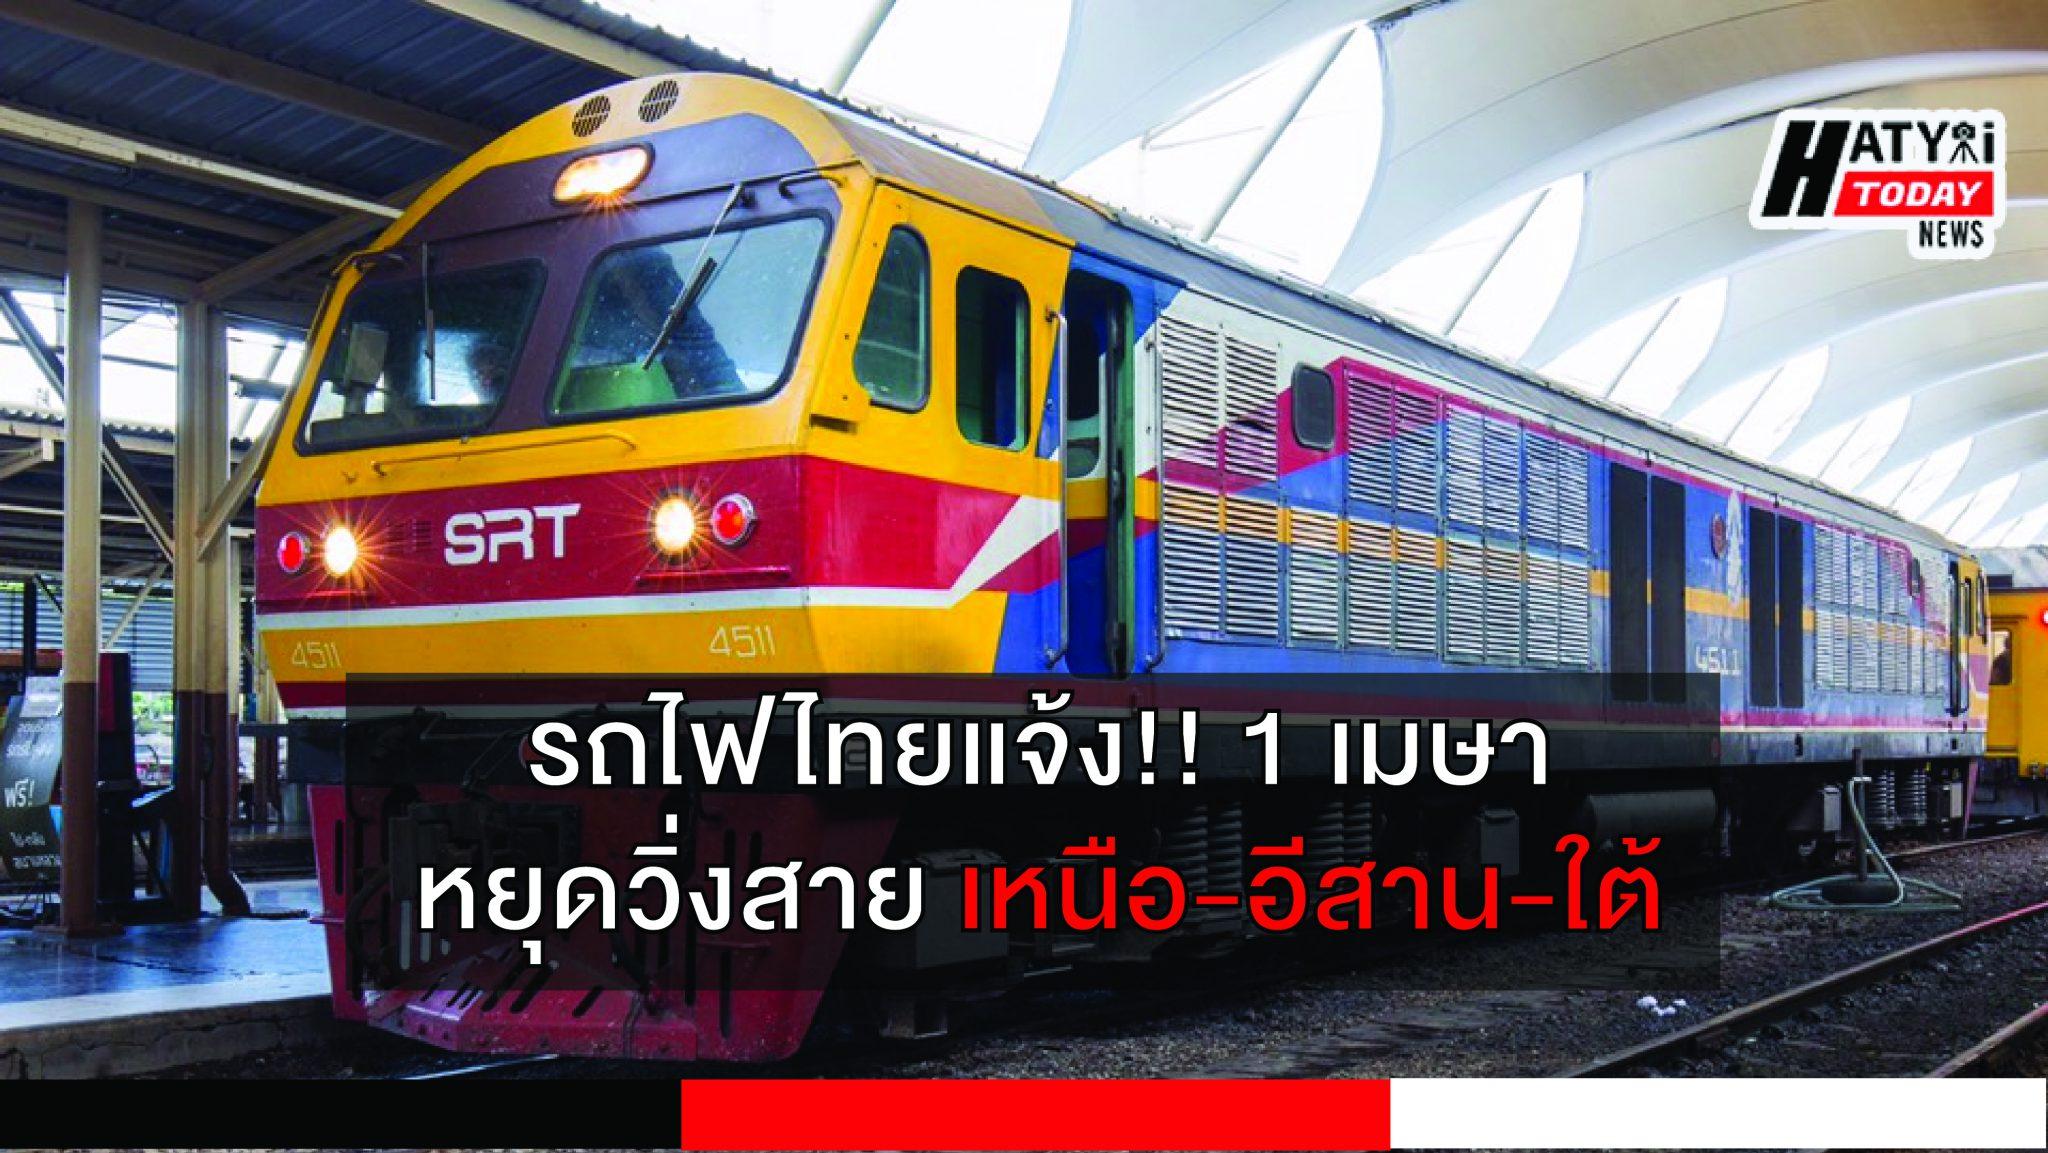 เฟส รถไฟ 01 HATYAITODAY